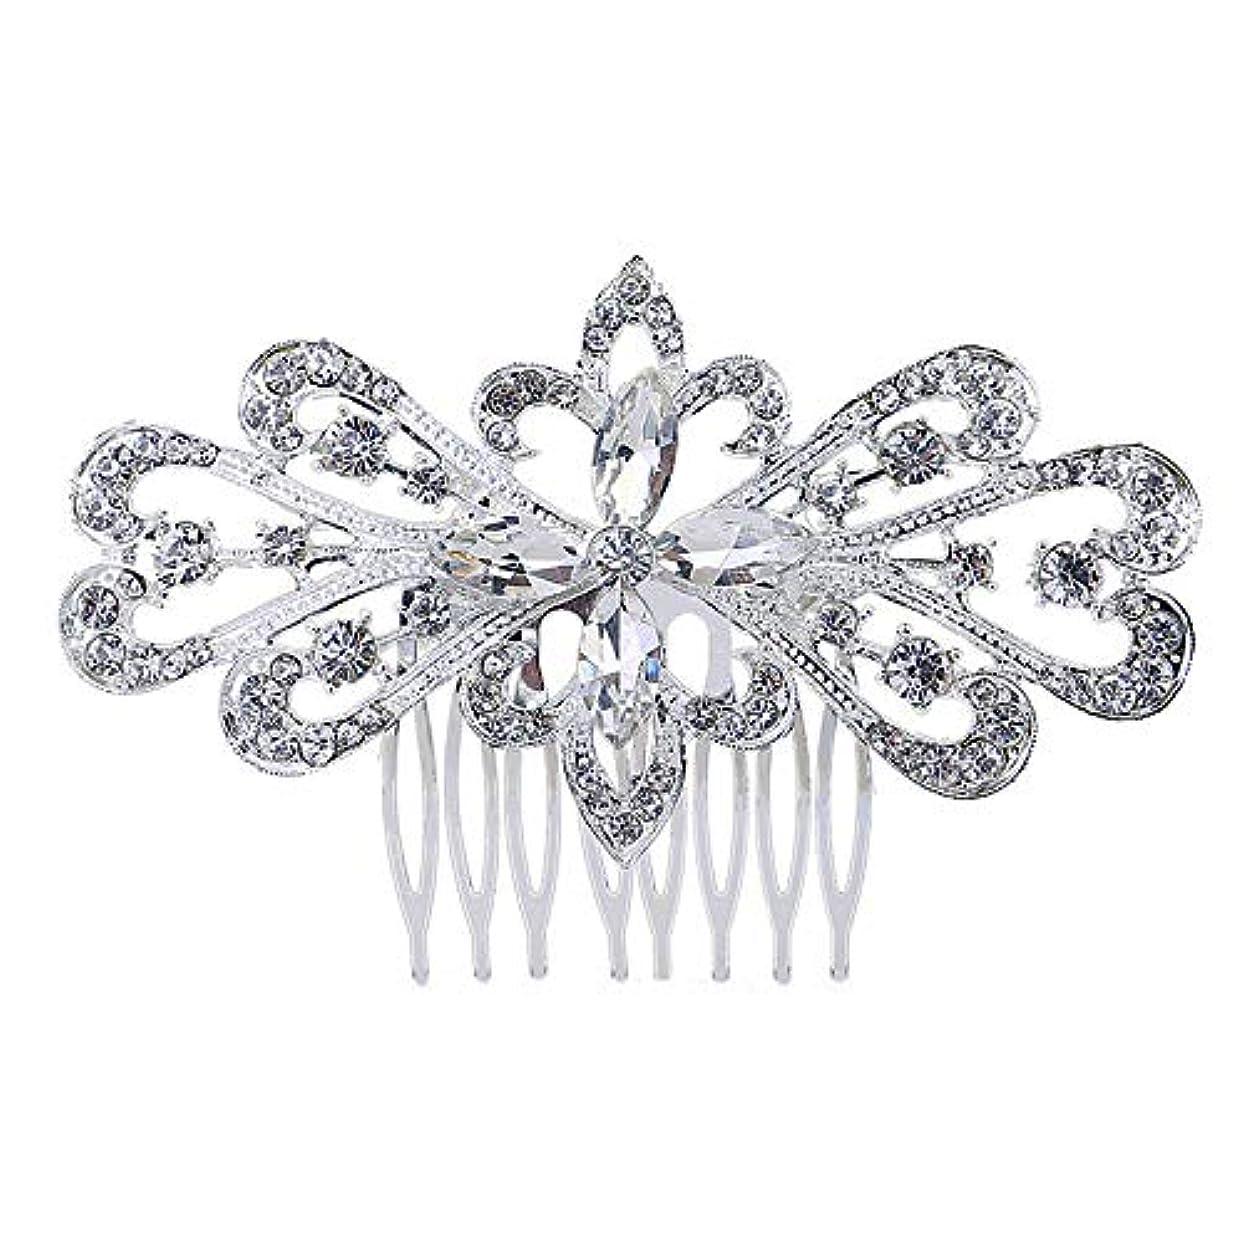 判定松明ビルダー髪の櫛の櫛の櫛の花嫁の髪の櫛の花の髪の櫛のラインストーンの挿入物の櫛の合金の帽子の結婚式のアクセサリー